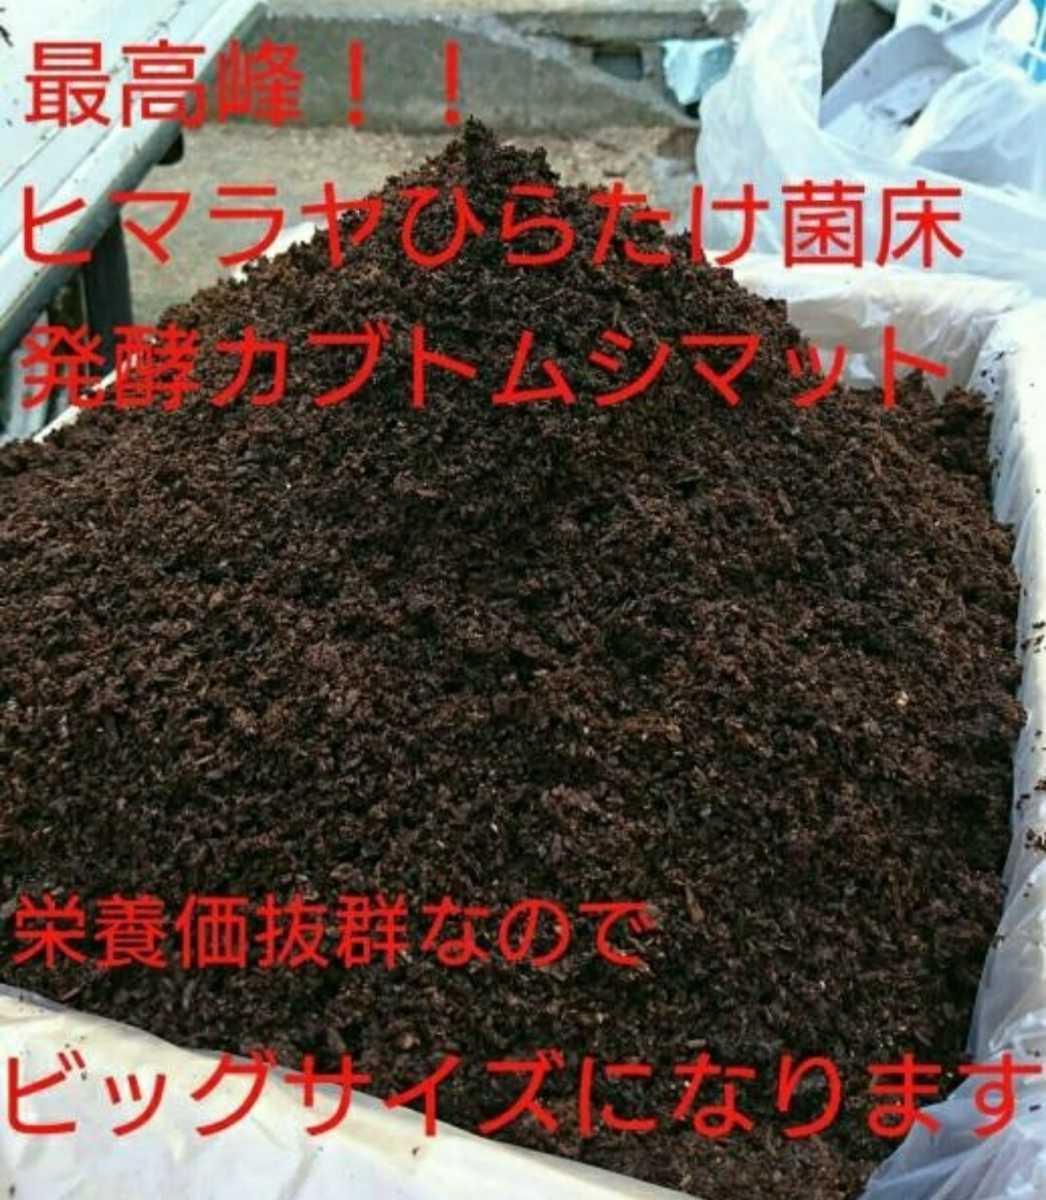 幼虫がビッグサイズになります!ヒマラヤひらたけ菌床発酵マット!栄養価抜群!クヌギ100%原料 幼虫の餌、産卵マットにも抜群の実績あり!_画像1